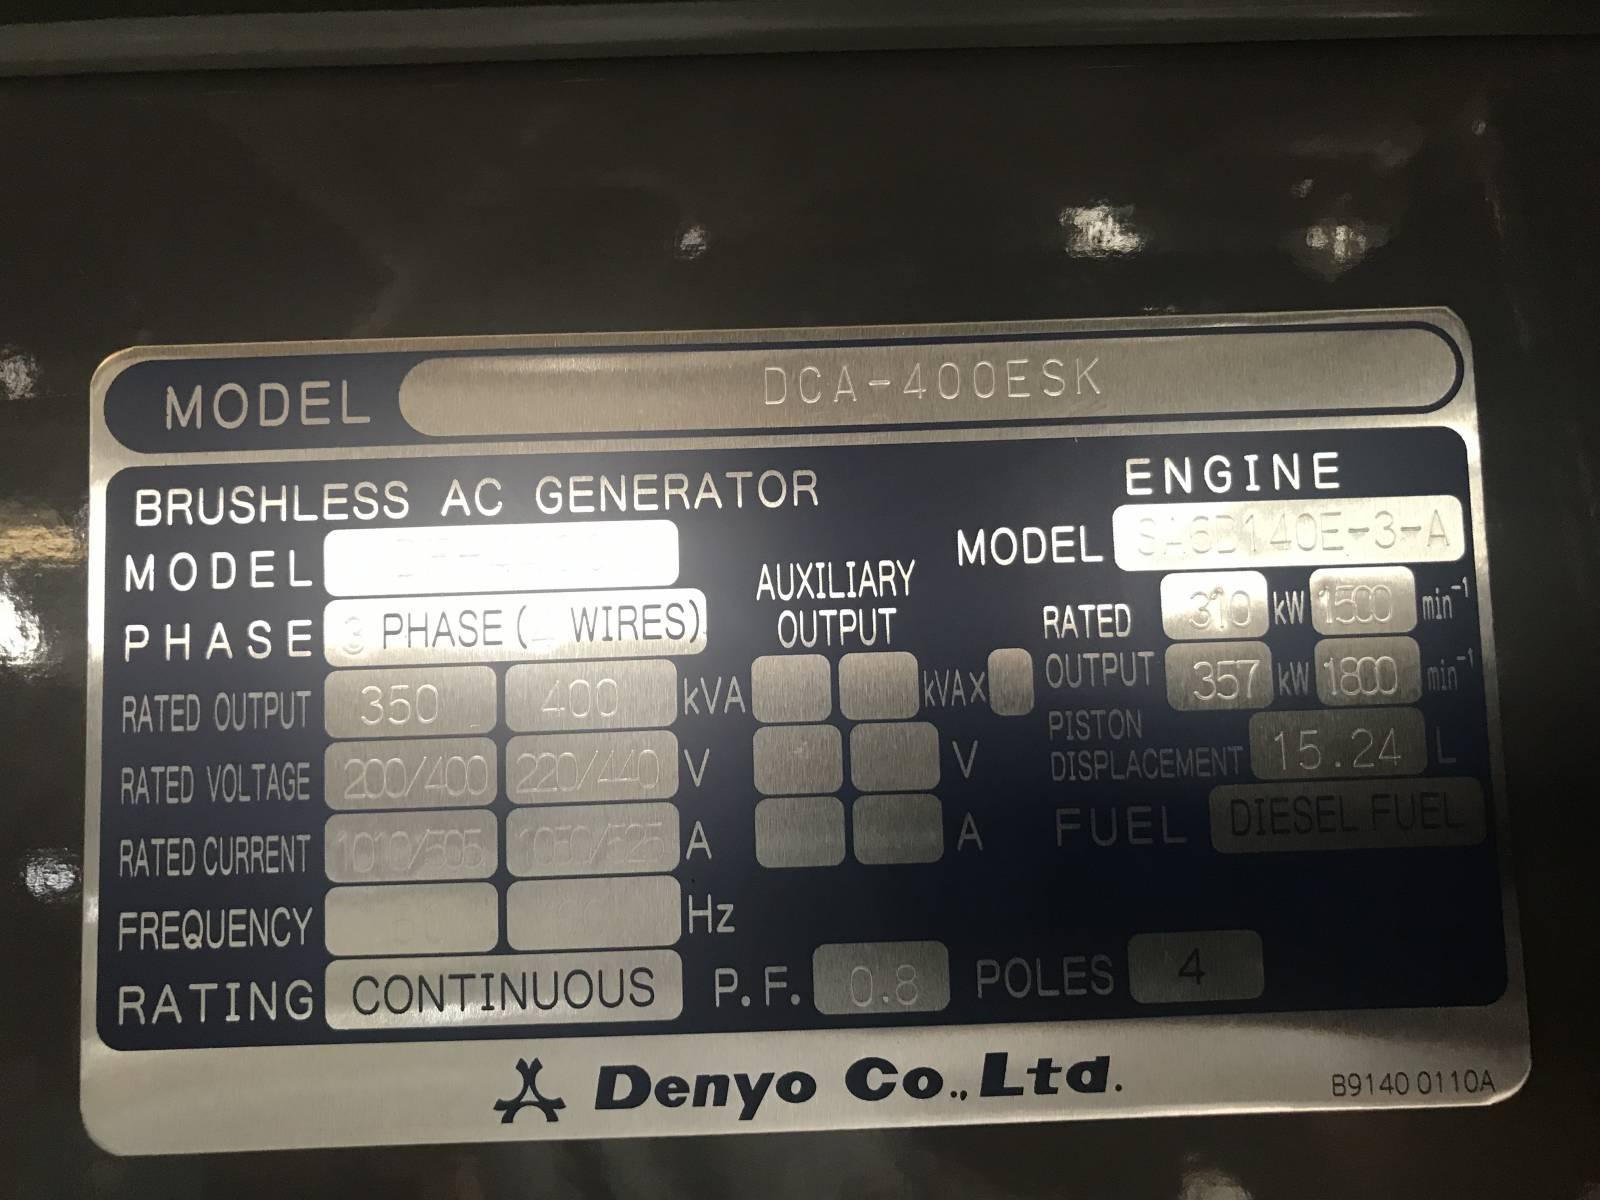 NEW DENYO 400 KVA DIESEL GENERATOR